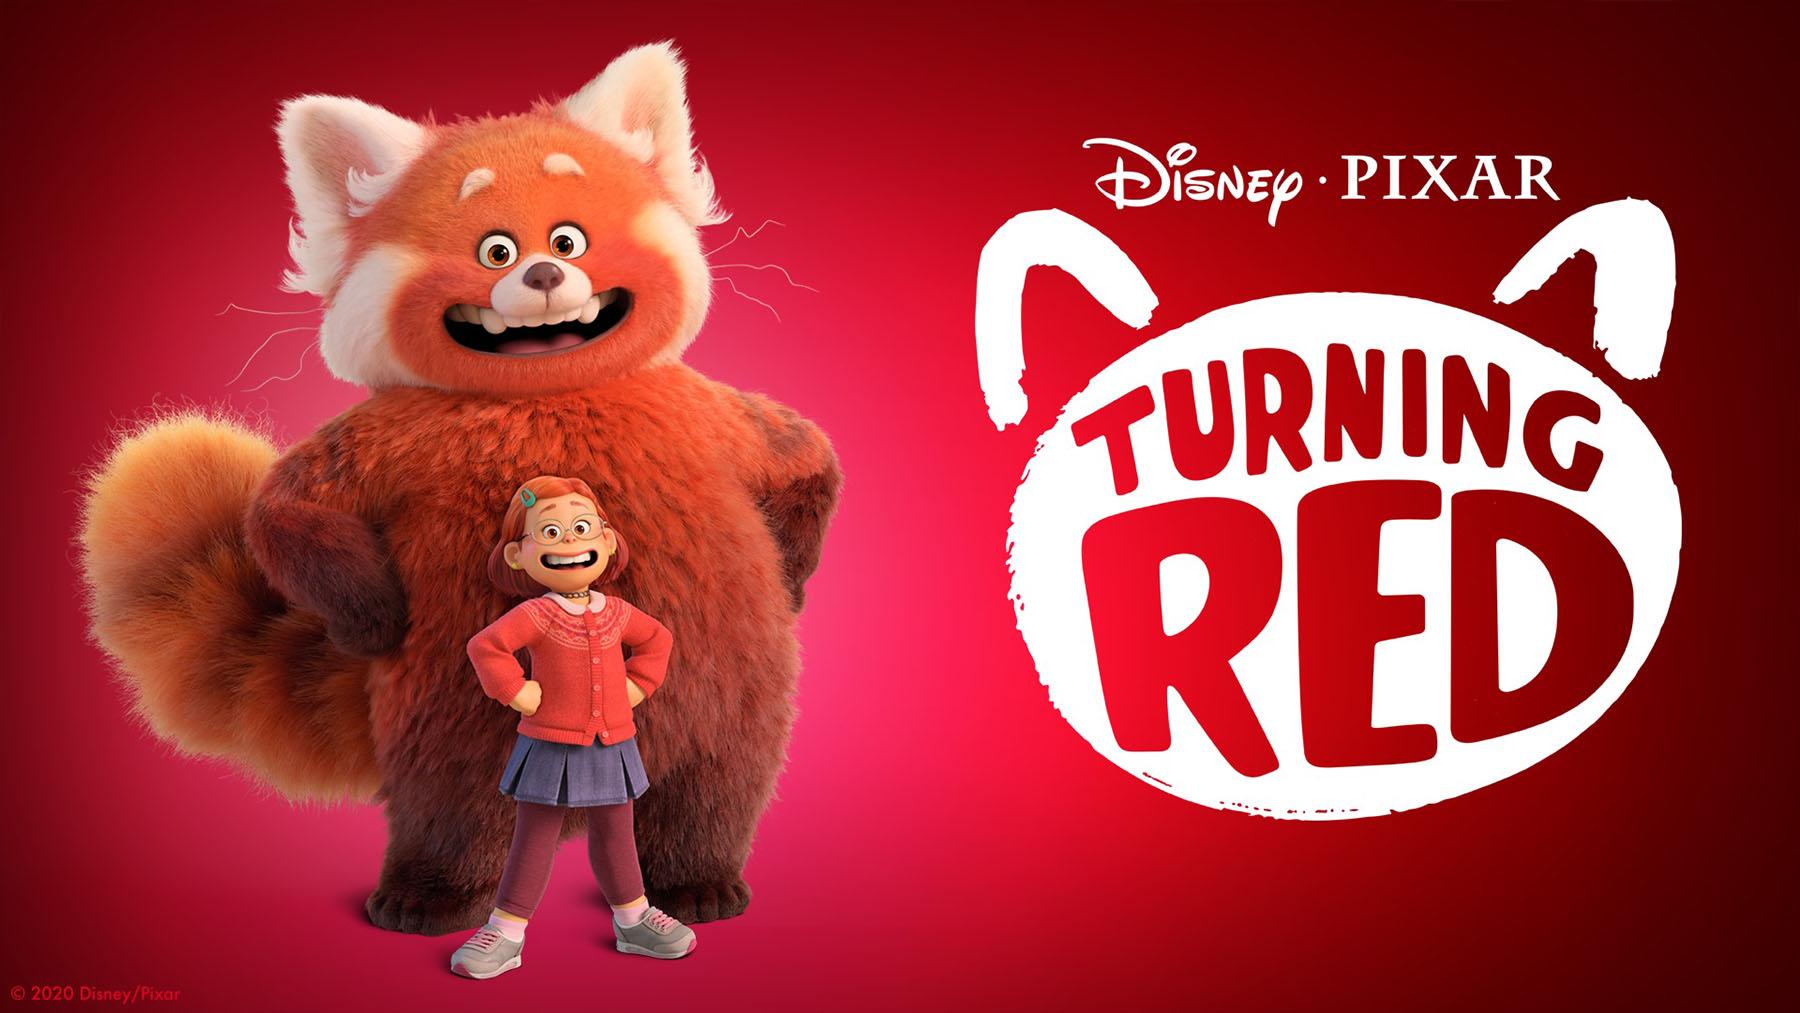 «Turning red» (Disney/Pixar)